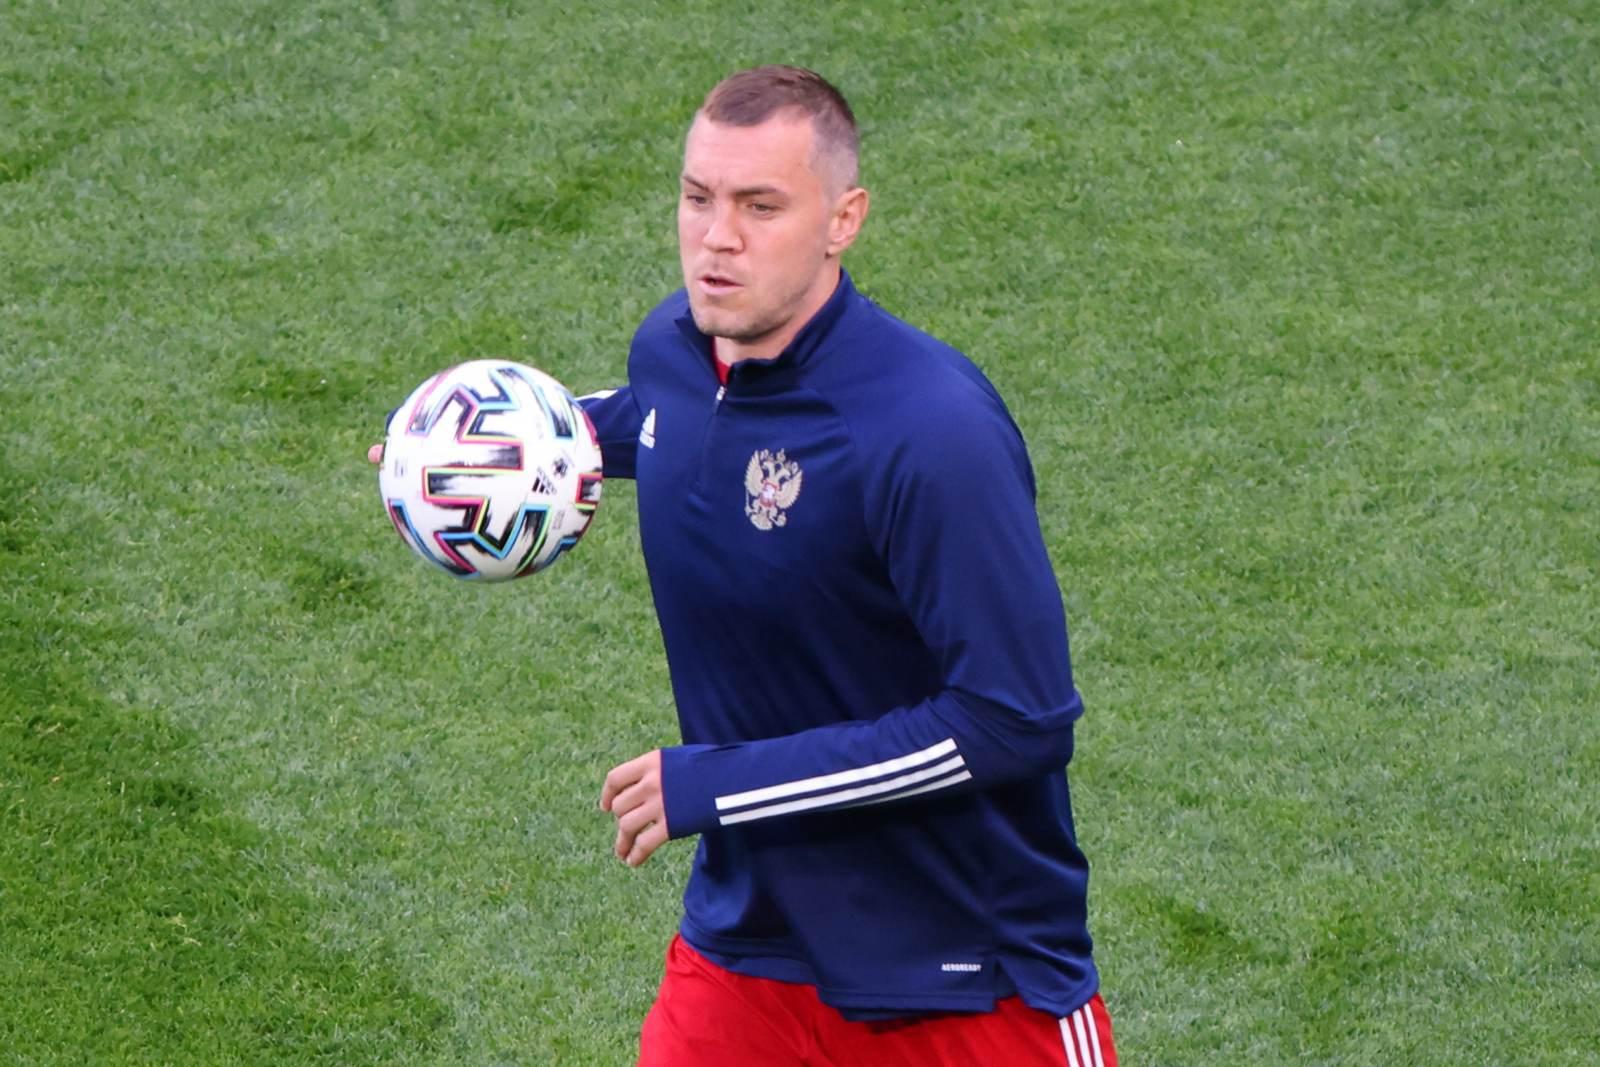 Сабитов: «Дзюбе 33 года, а у возрастных футболистов желание играть за сборную притупляется»